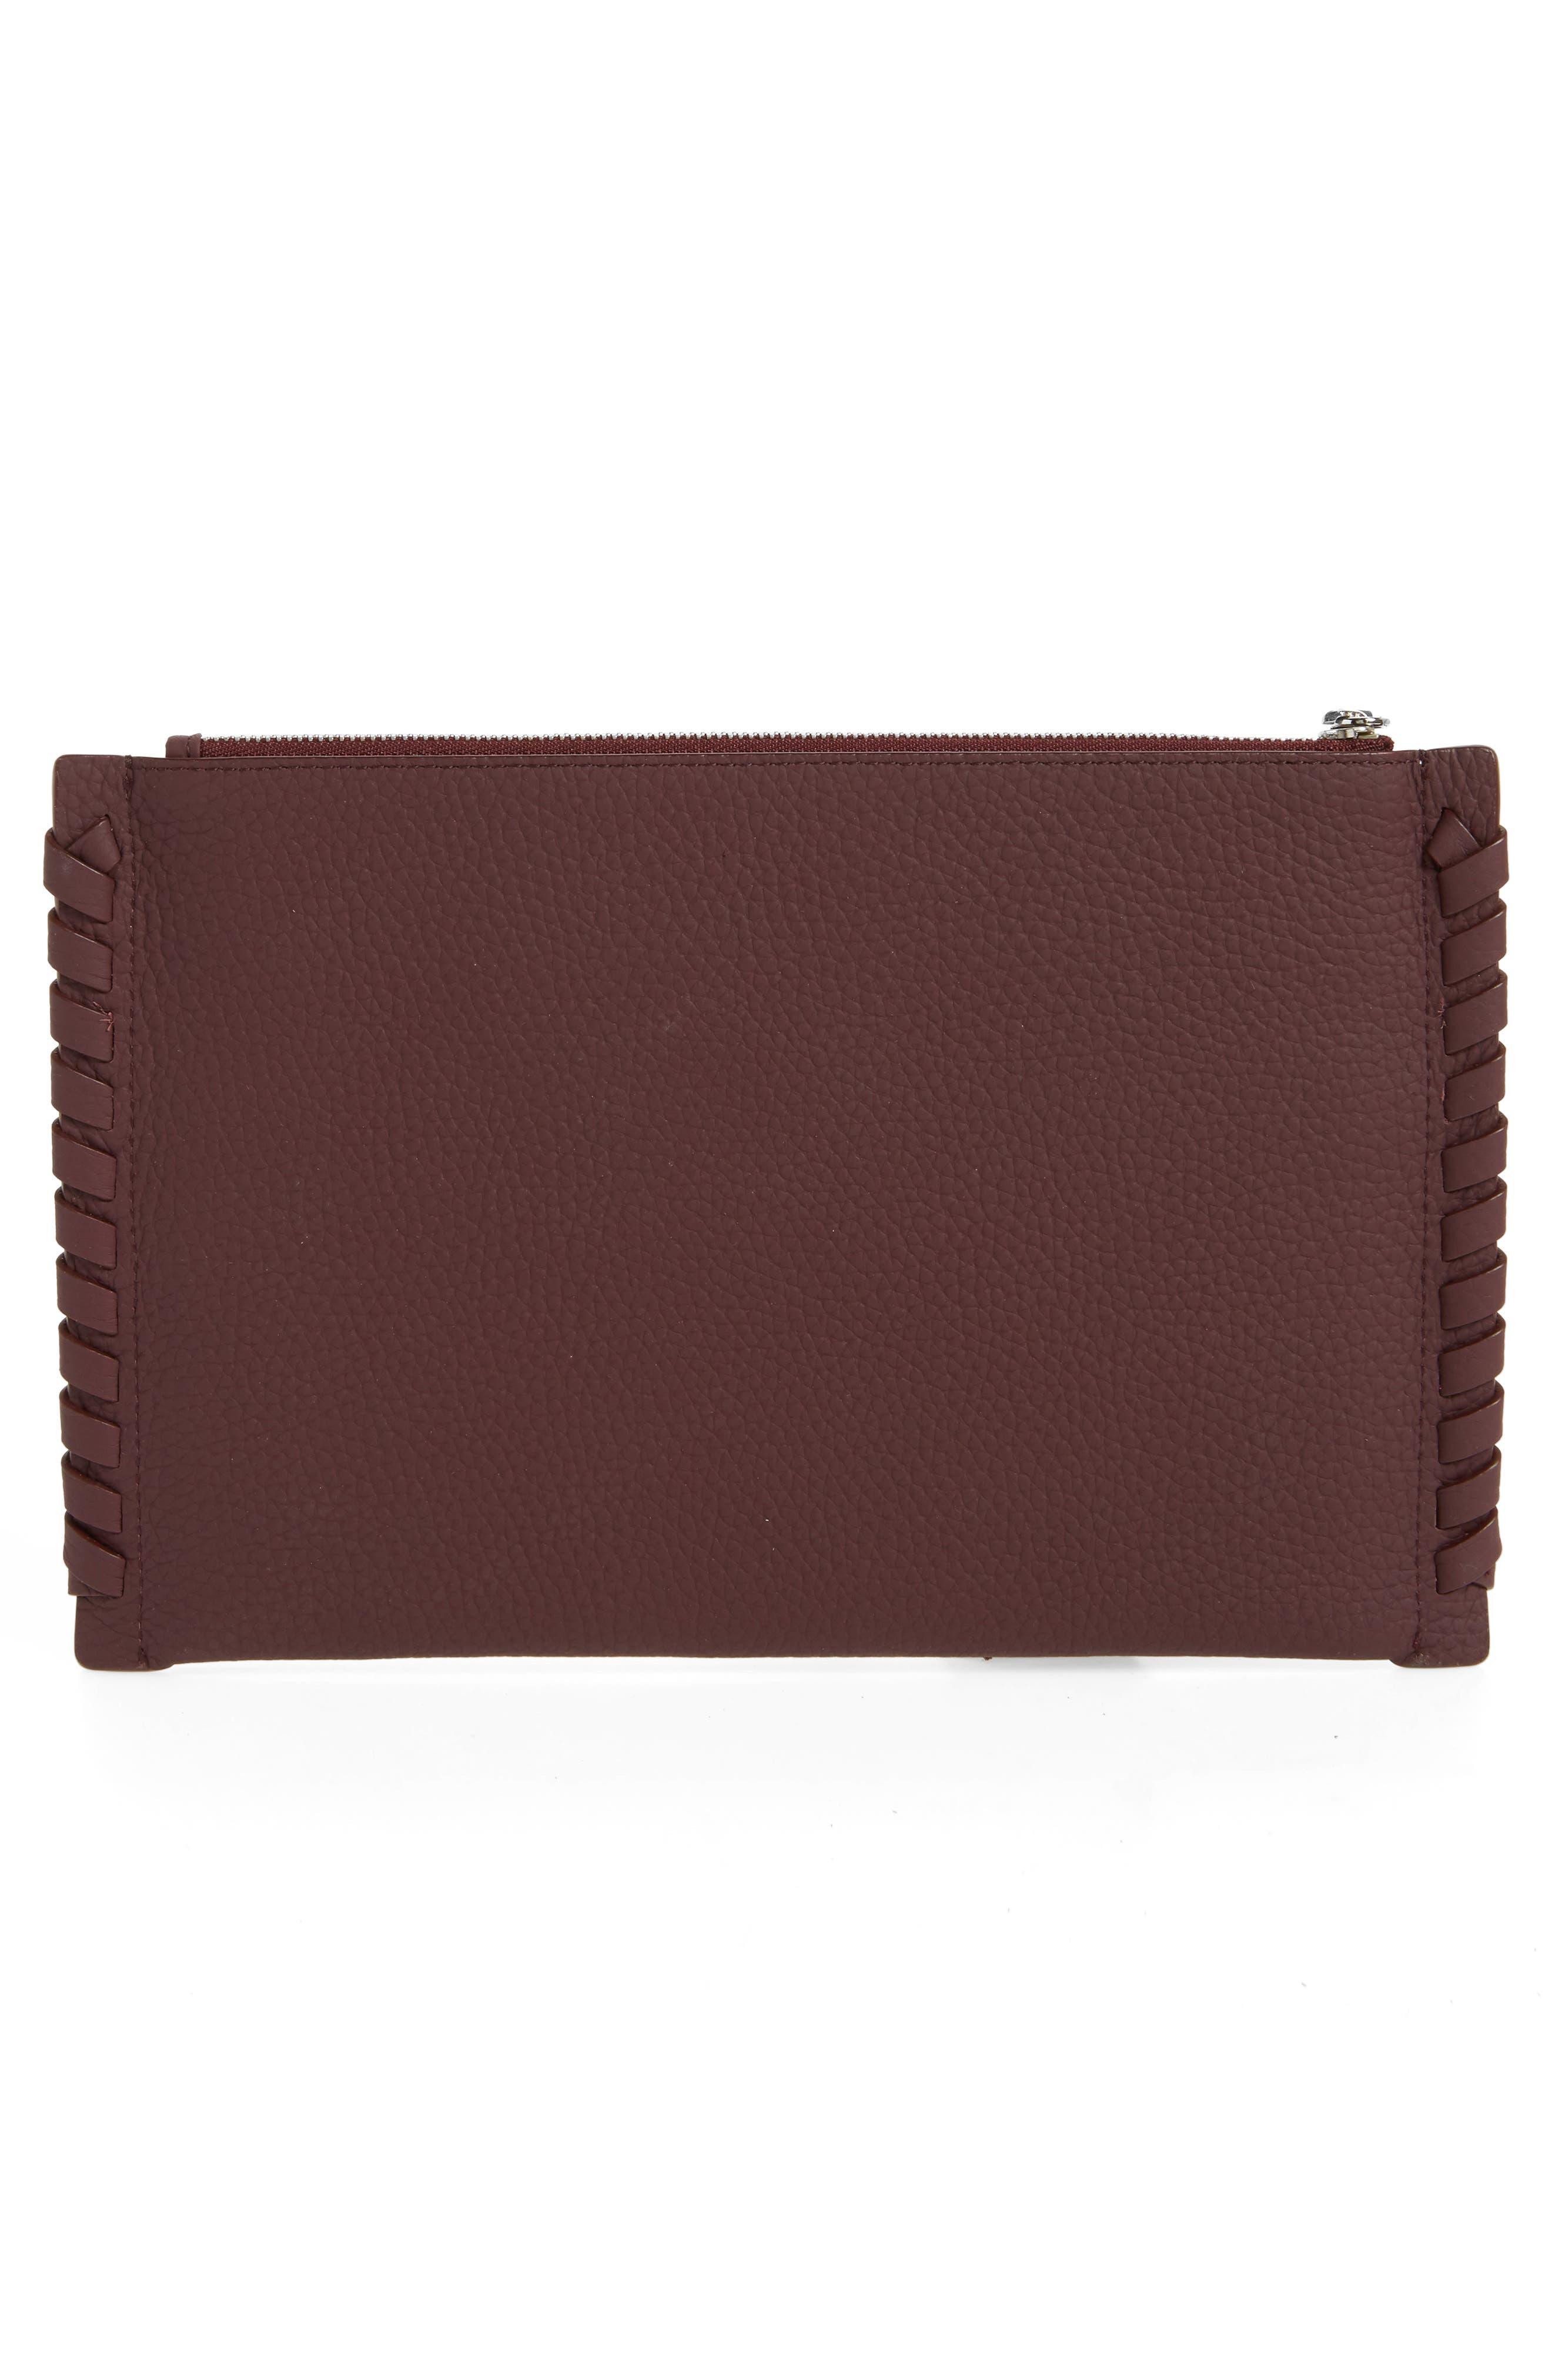 Kepi Leather Pouch,                             Alternate thumbnail 3, color,